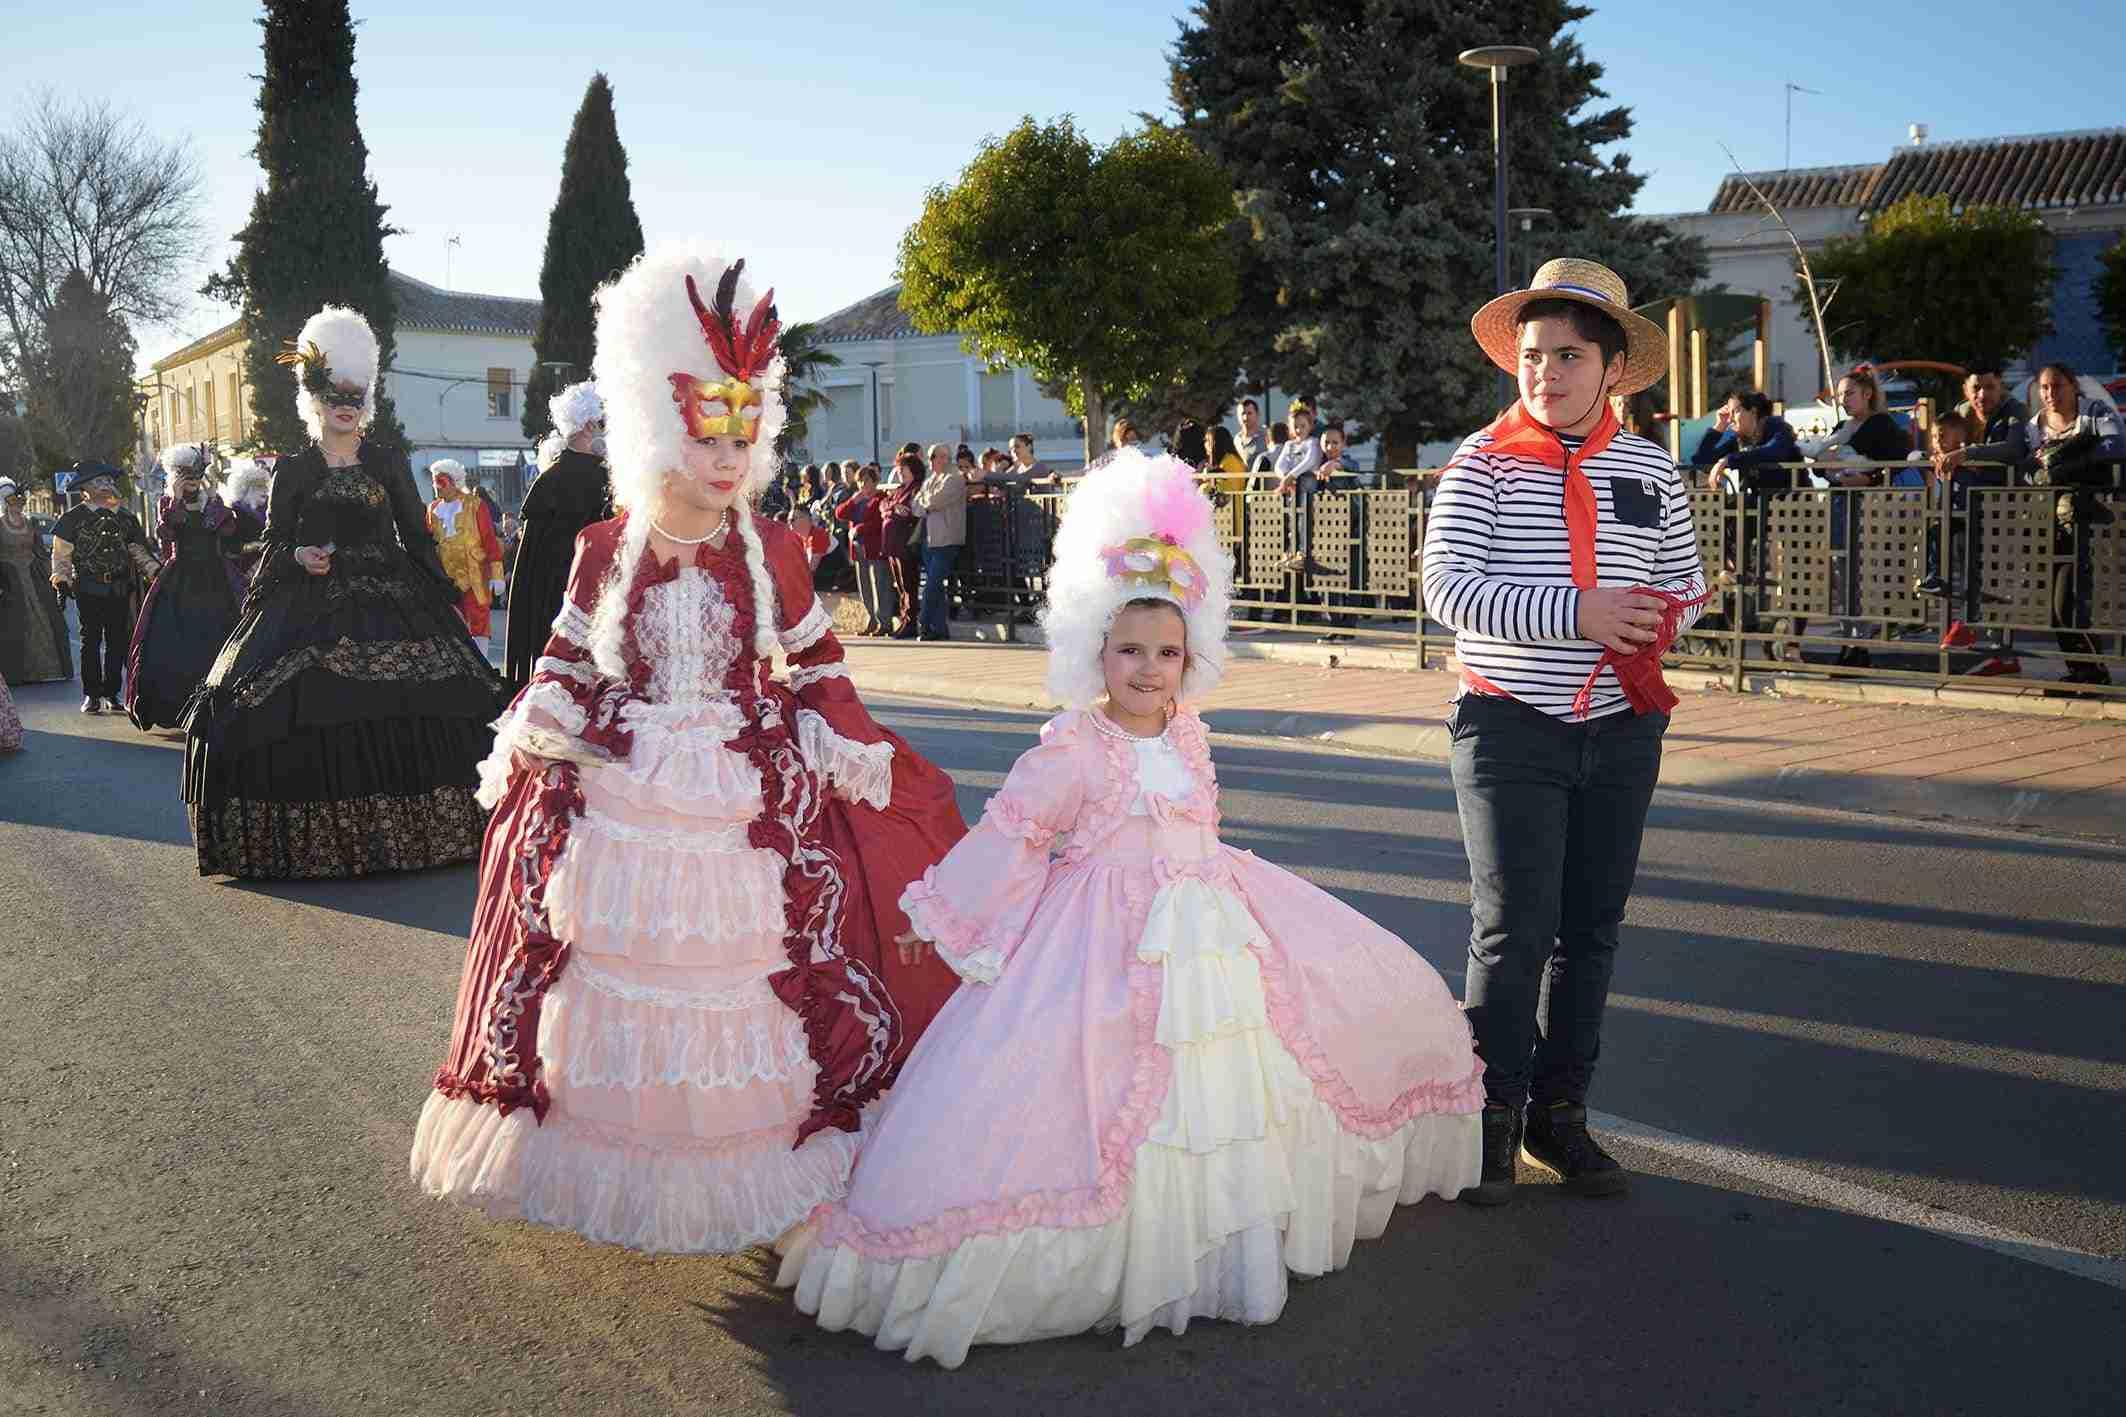 Ritmo, color y mucha originalidad en el Desfile de Comparsas 2020 de Argamasilla de Alba 40